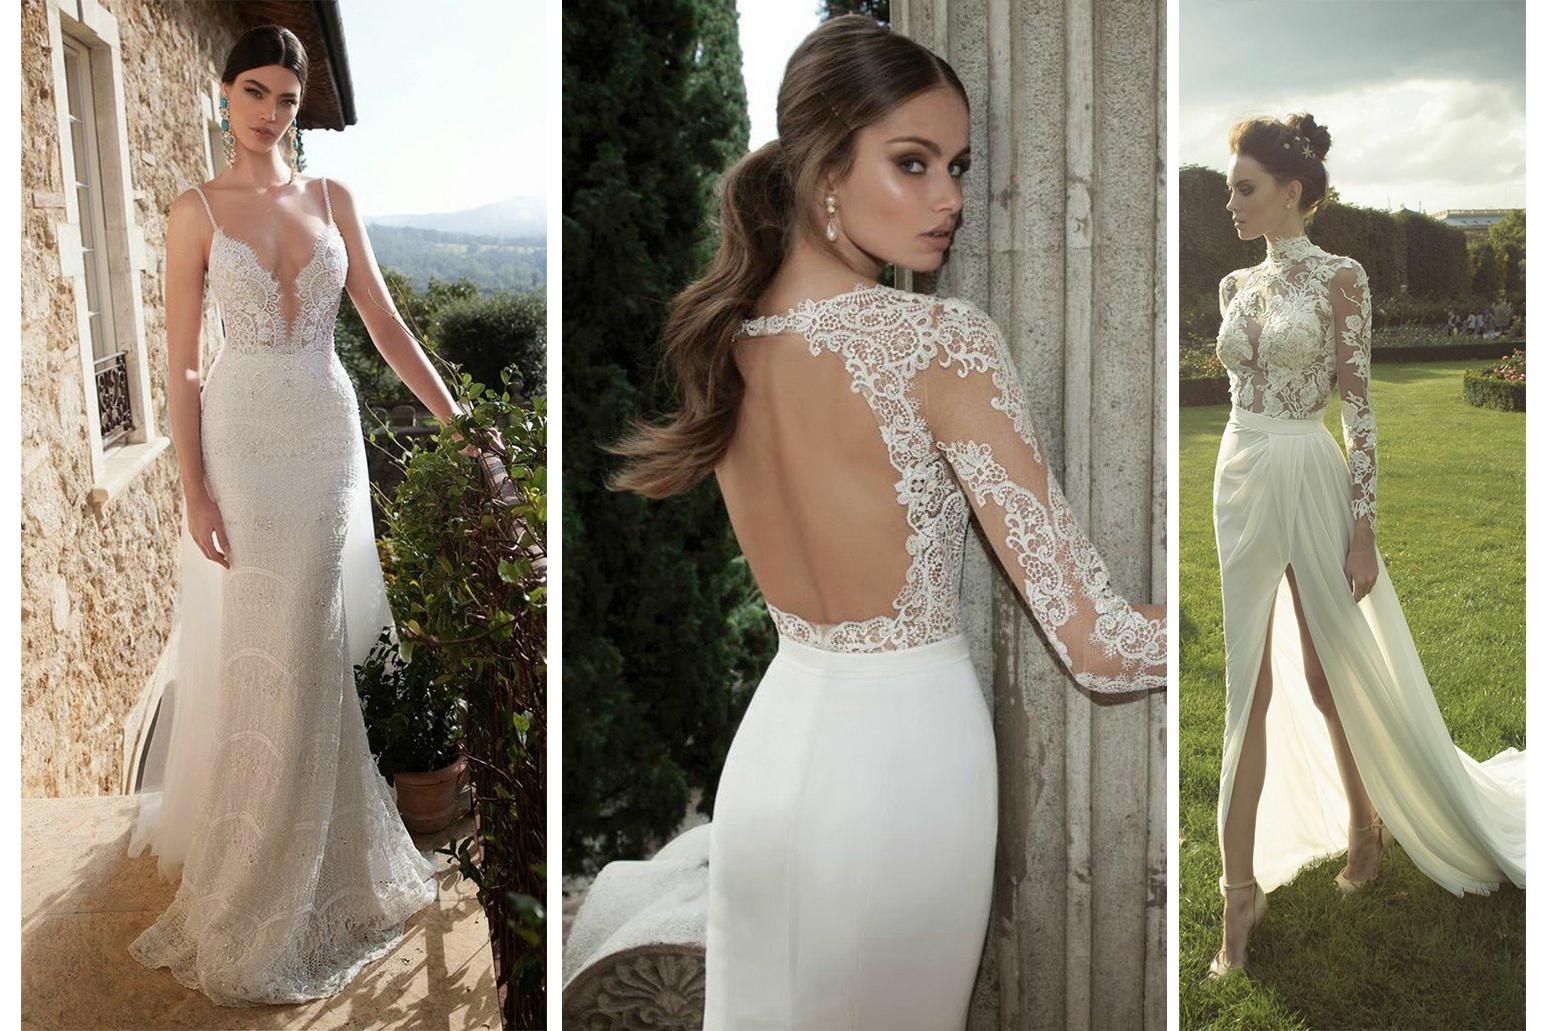 Tendance Mode  60 des plus belles robes de mariage civil en photos 2c9cdd74a70